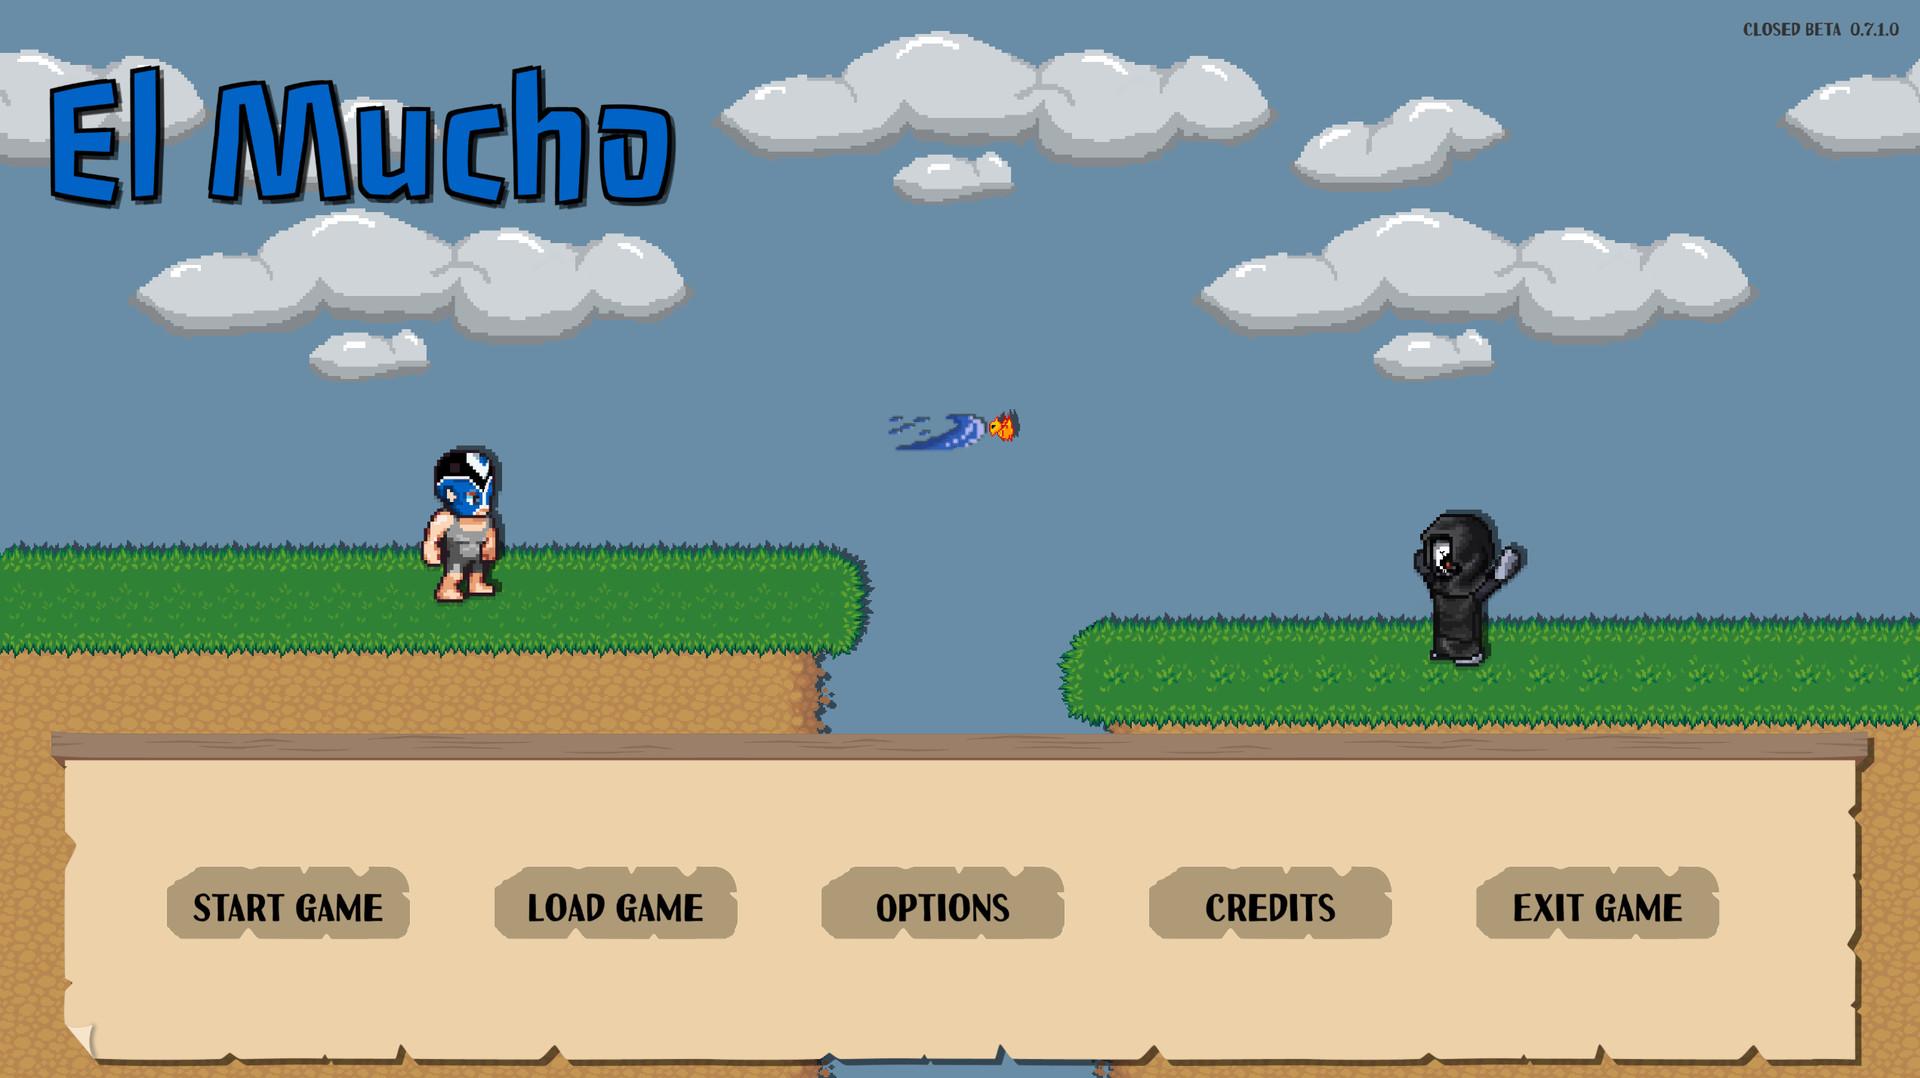 El Mucho Free Download